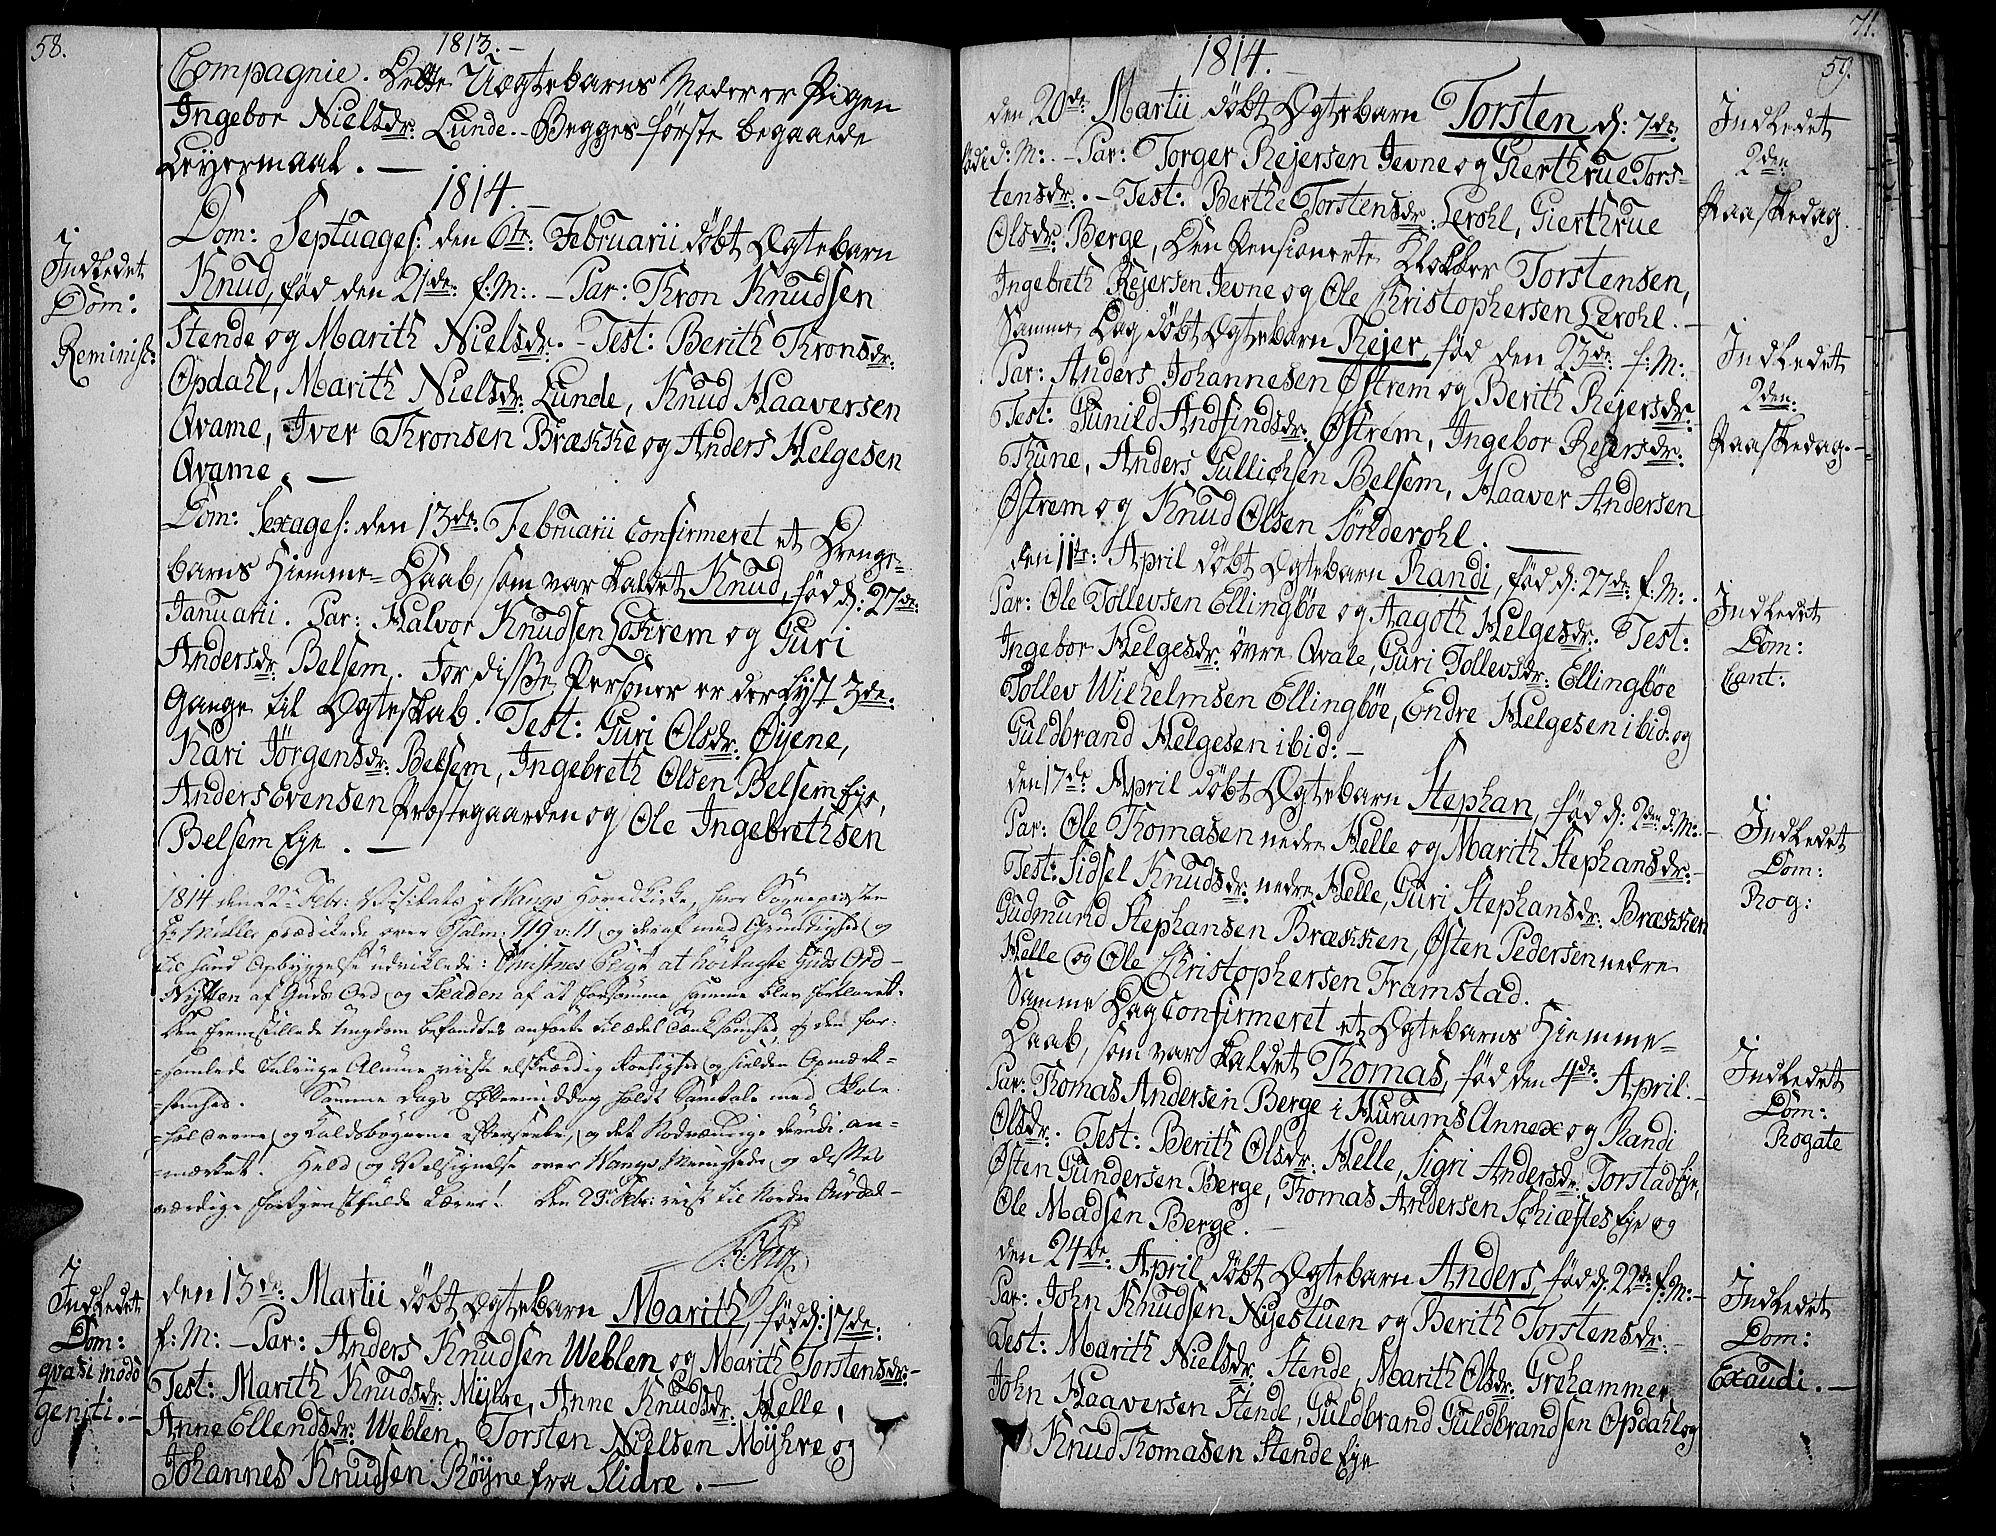 SAH, Vang prestekontor, Valdres, Ministerialbok nr. 3, 1809-1831, s. 58-59